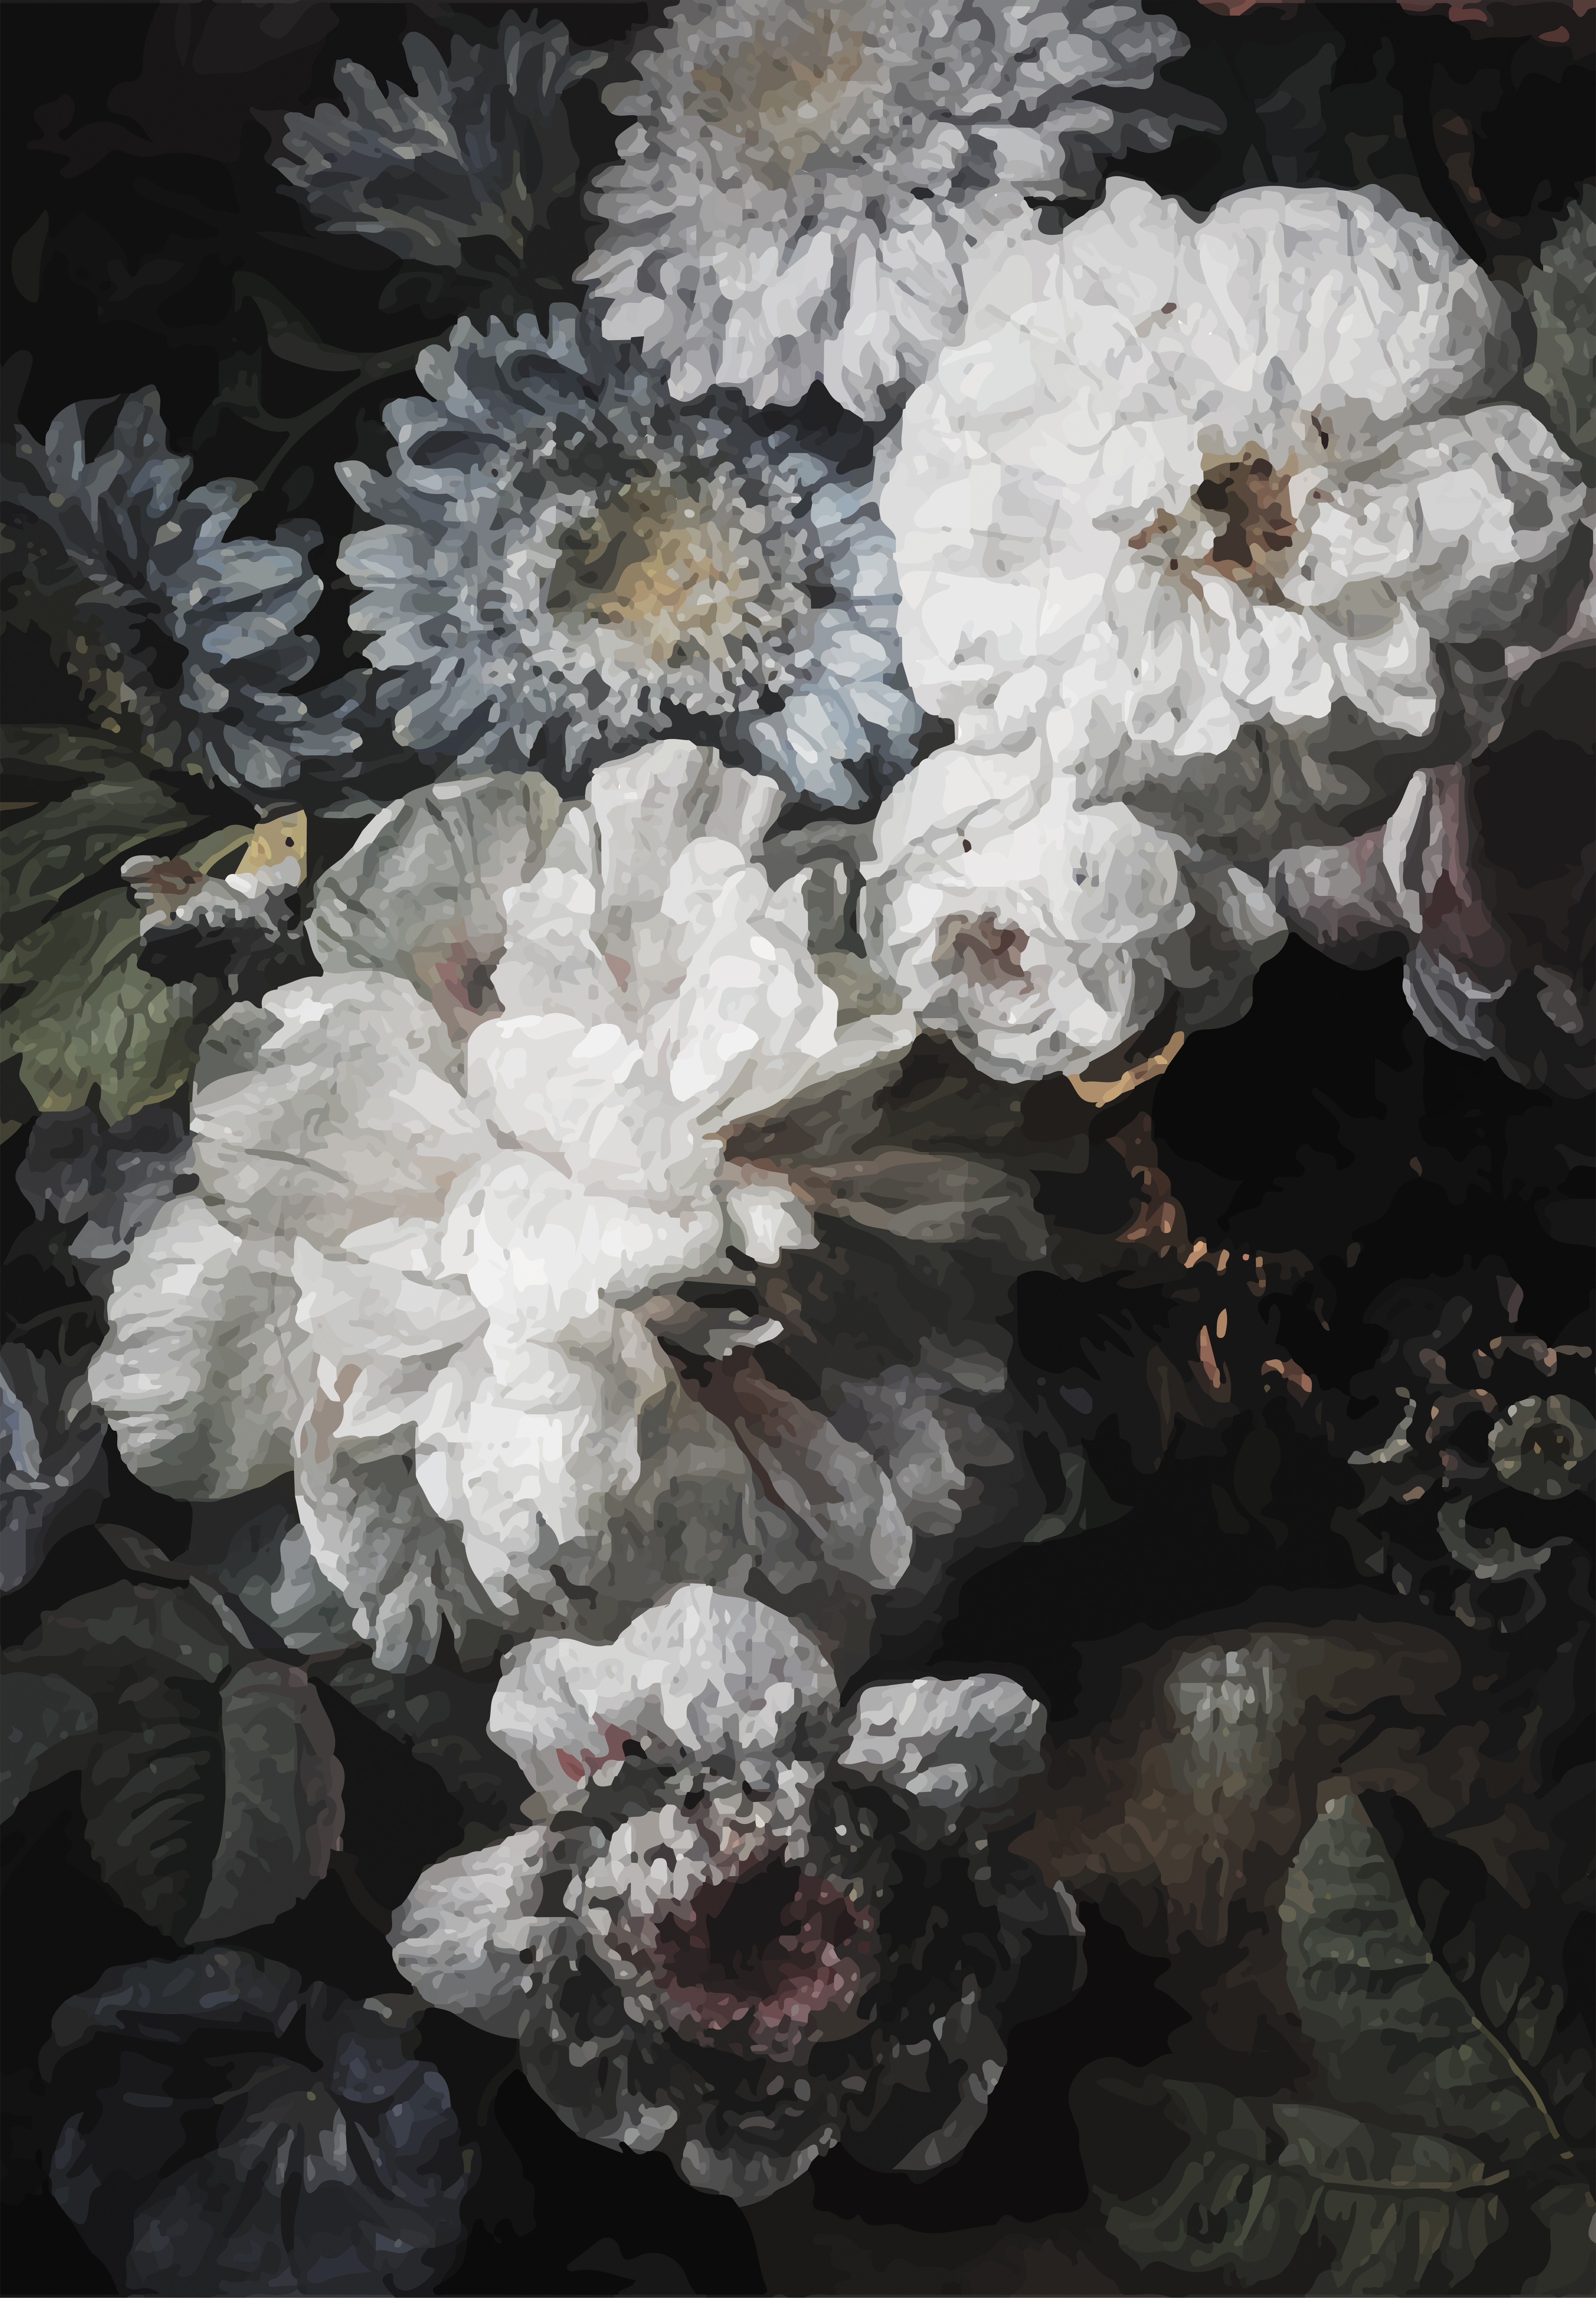 Lulu Georgia Anewall Dark Floral Wallpaper Mural Art Painting